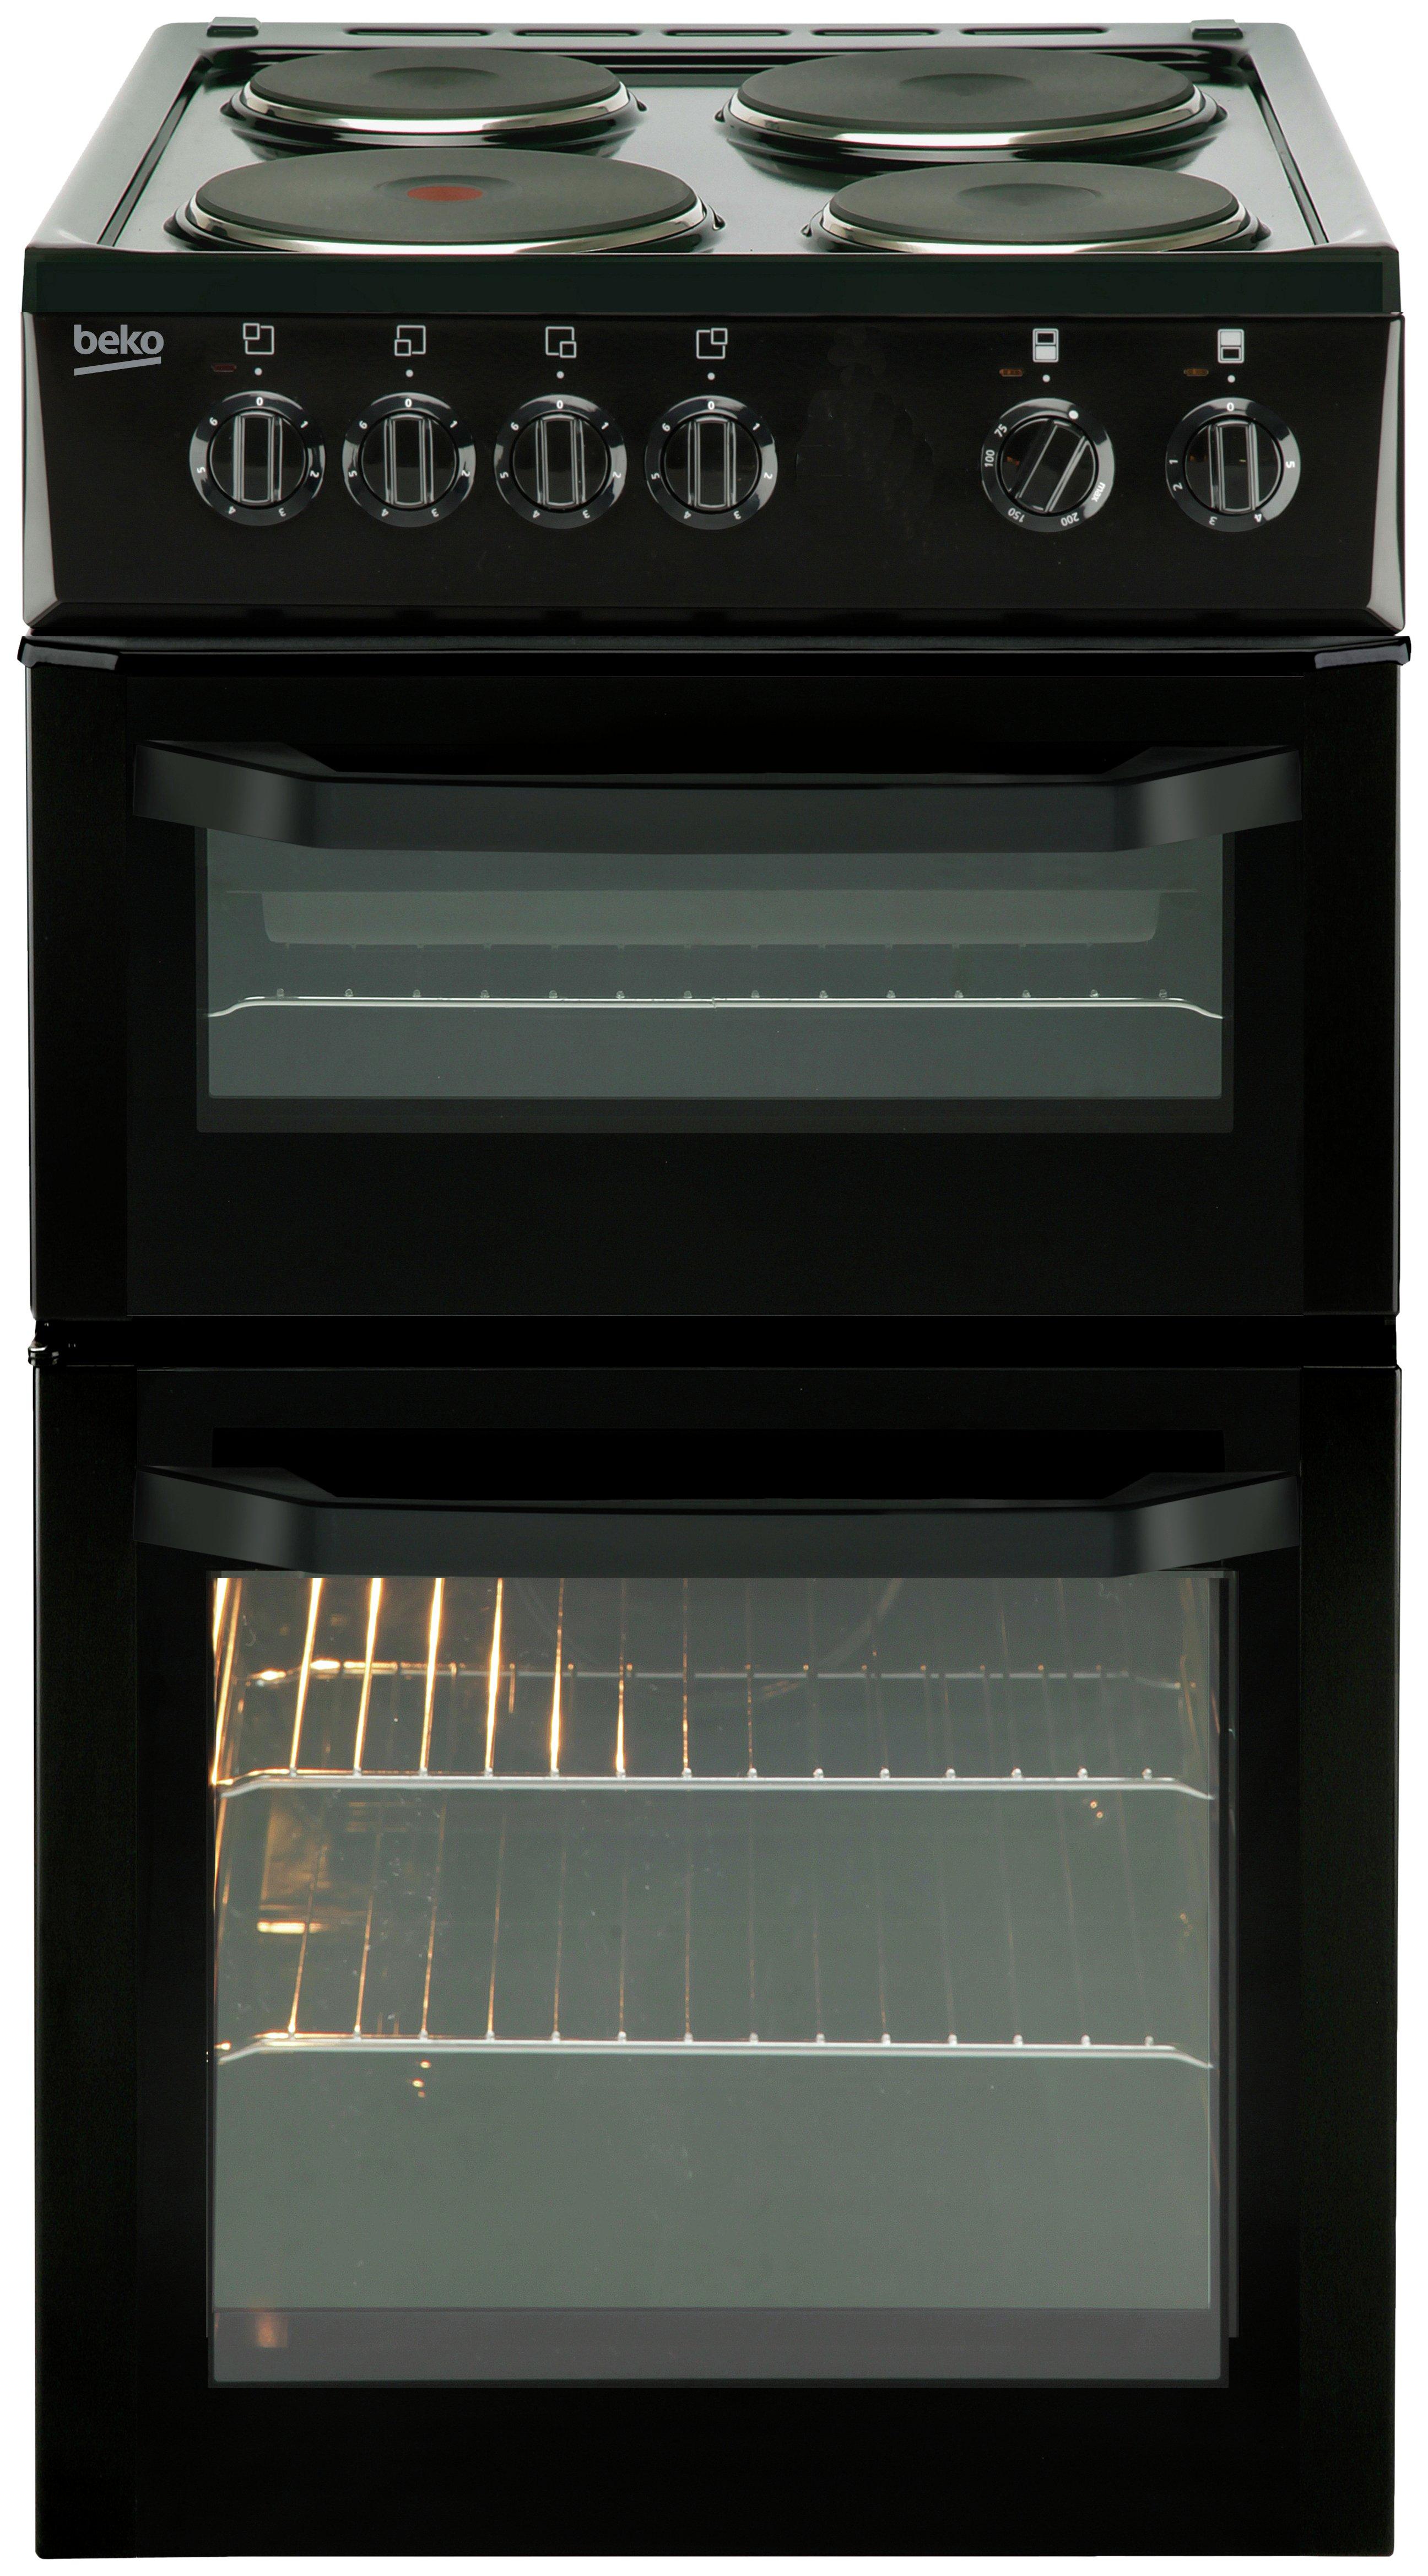 Beko Bd531a Single Electric Cooker Black